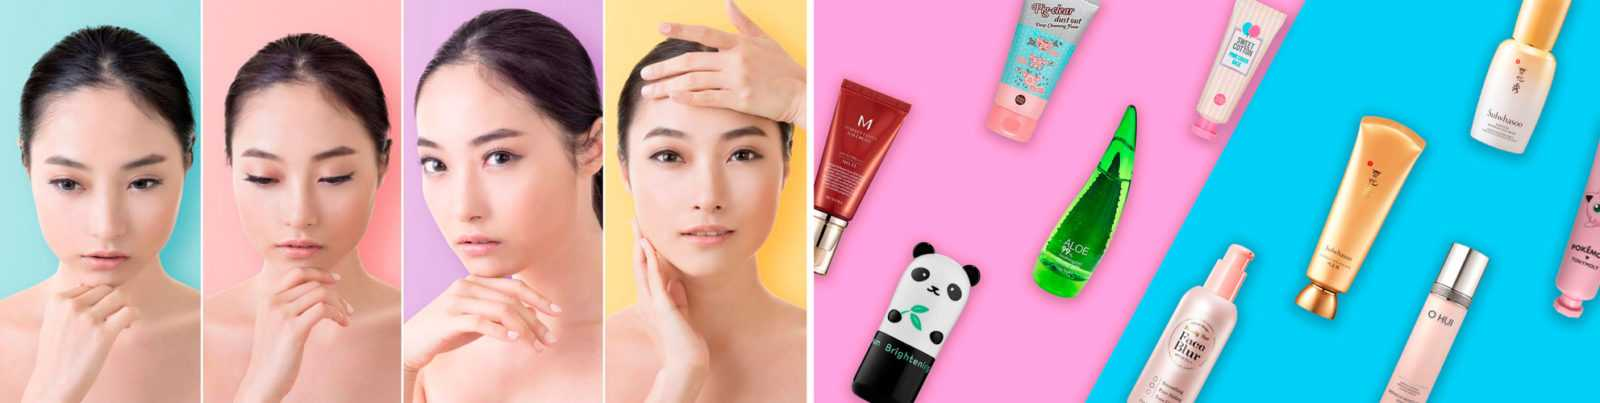 Корейская косметика на Айхерб - выбираем лучшую